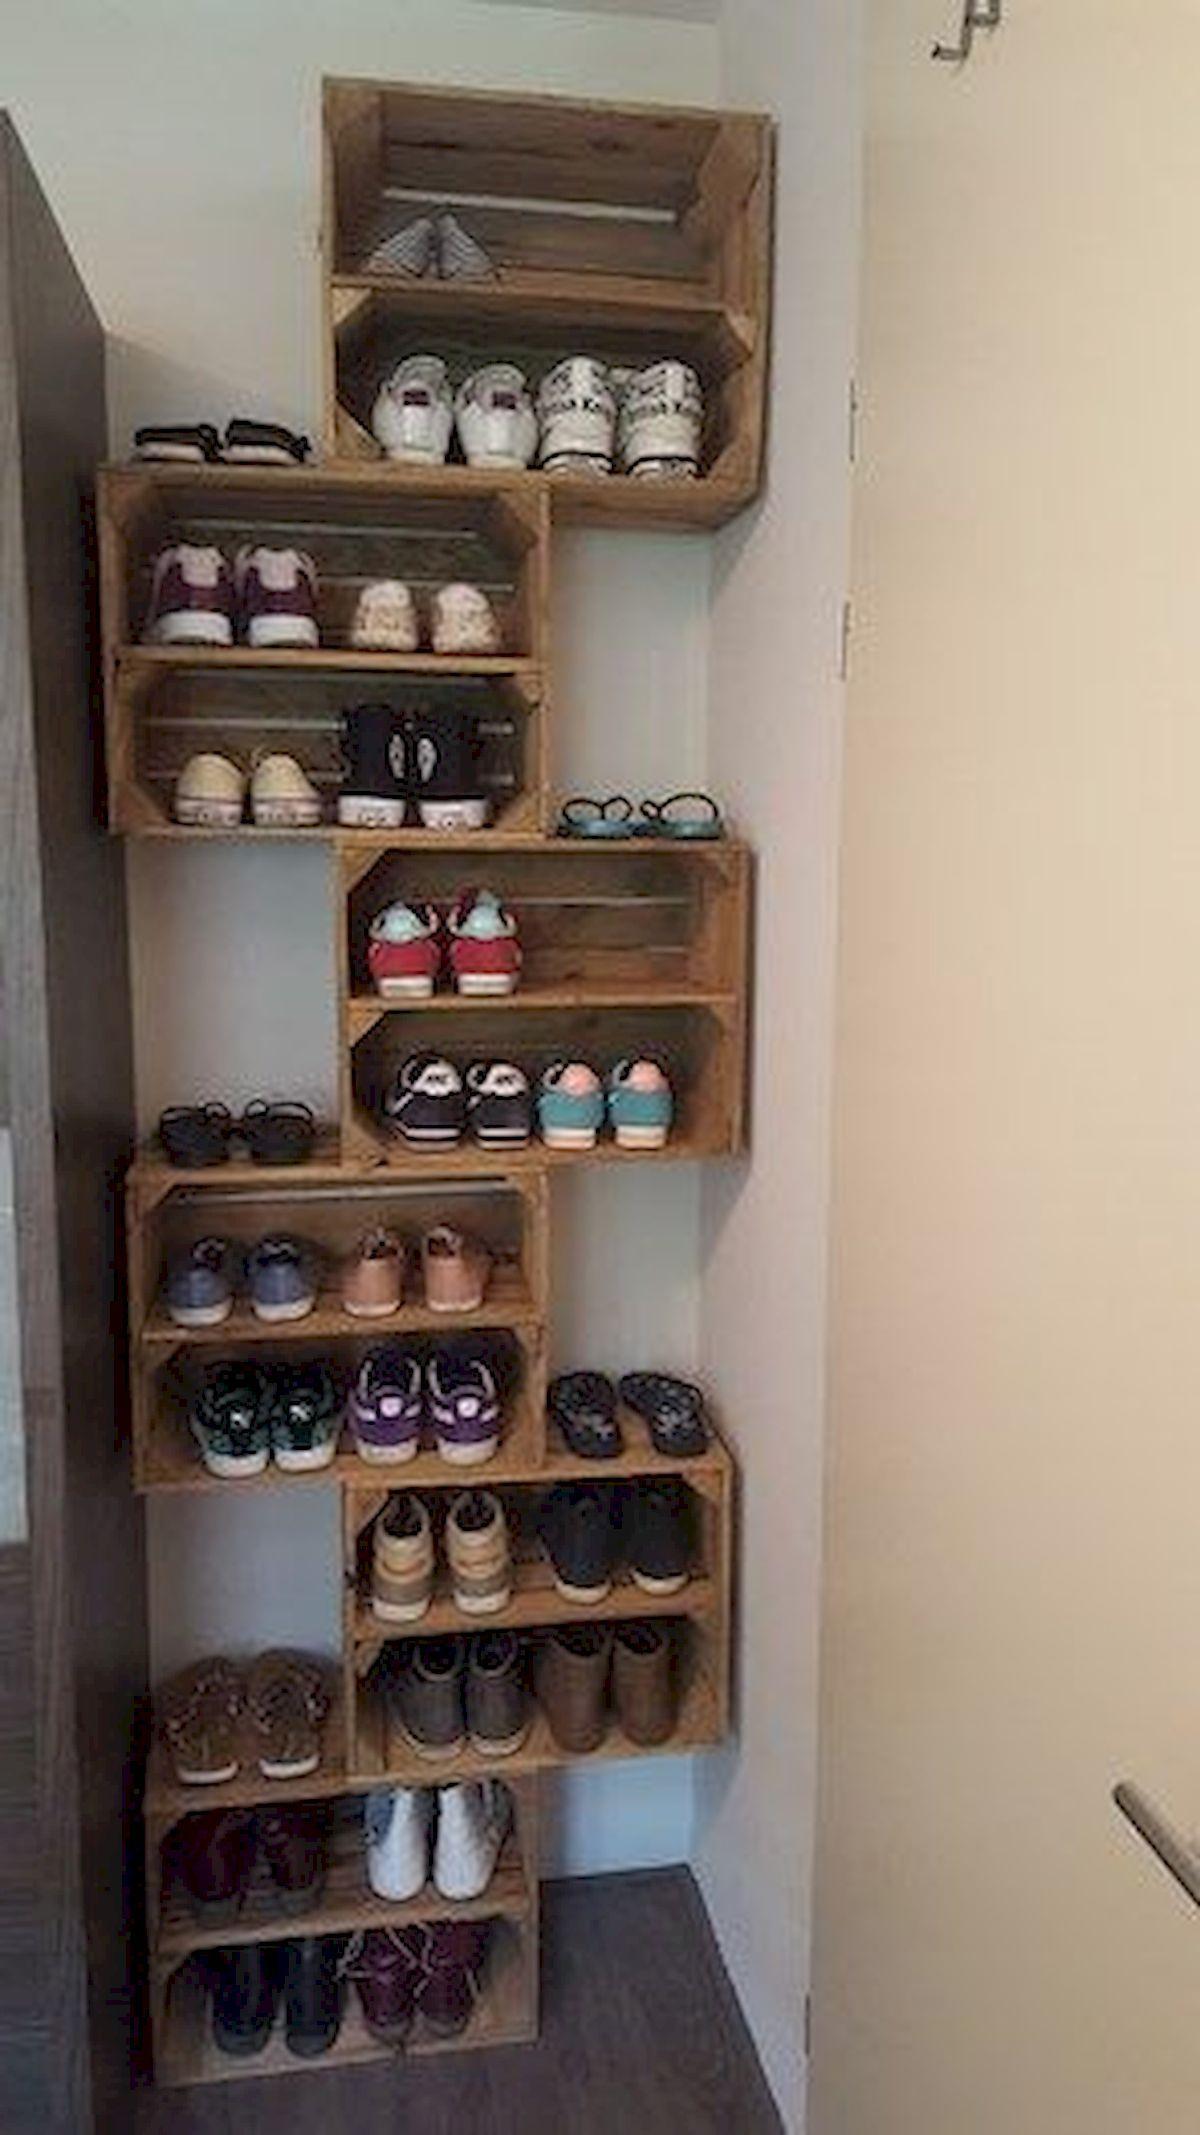 60 kreative DIY Home Decor Ideen für Wohnungen #rustichomedecor Schuhhalter … - bingefashion.com/haus